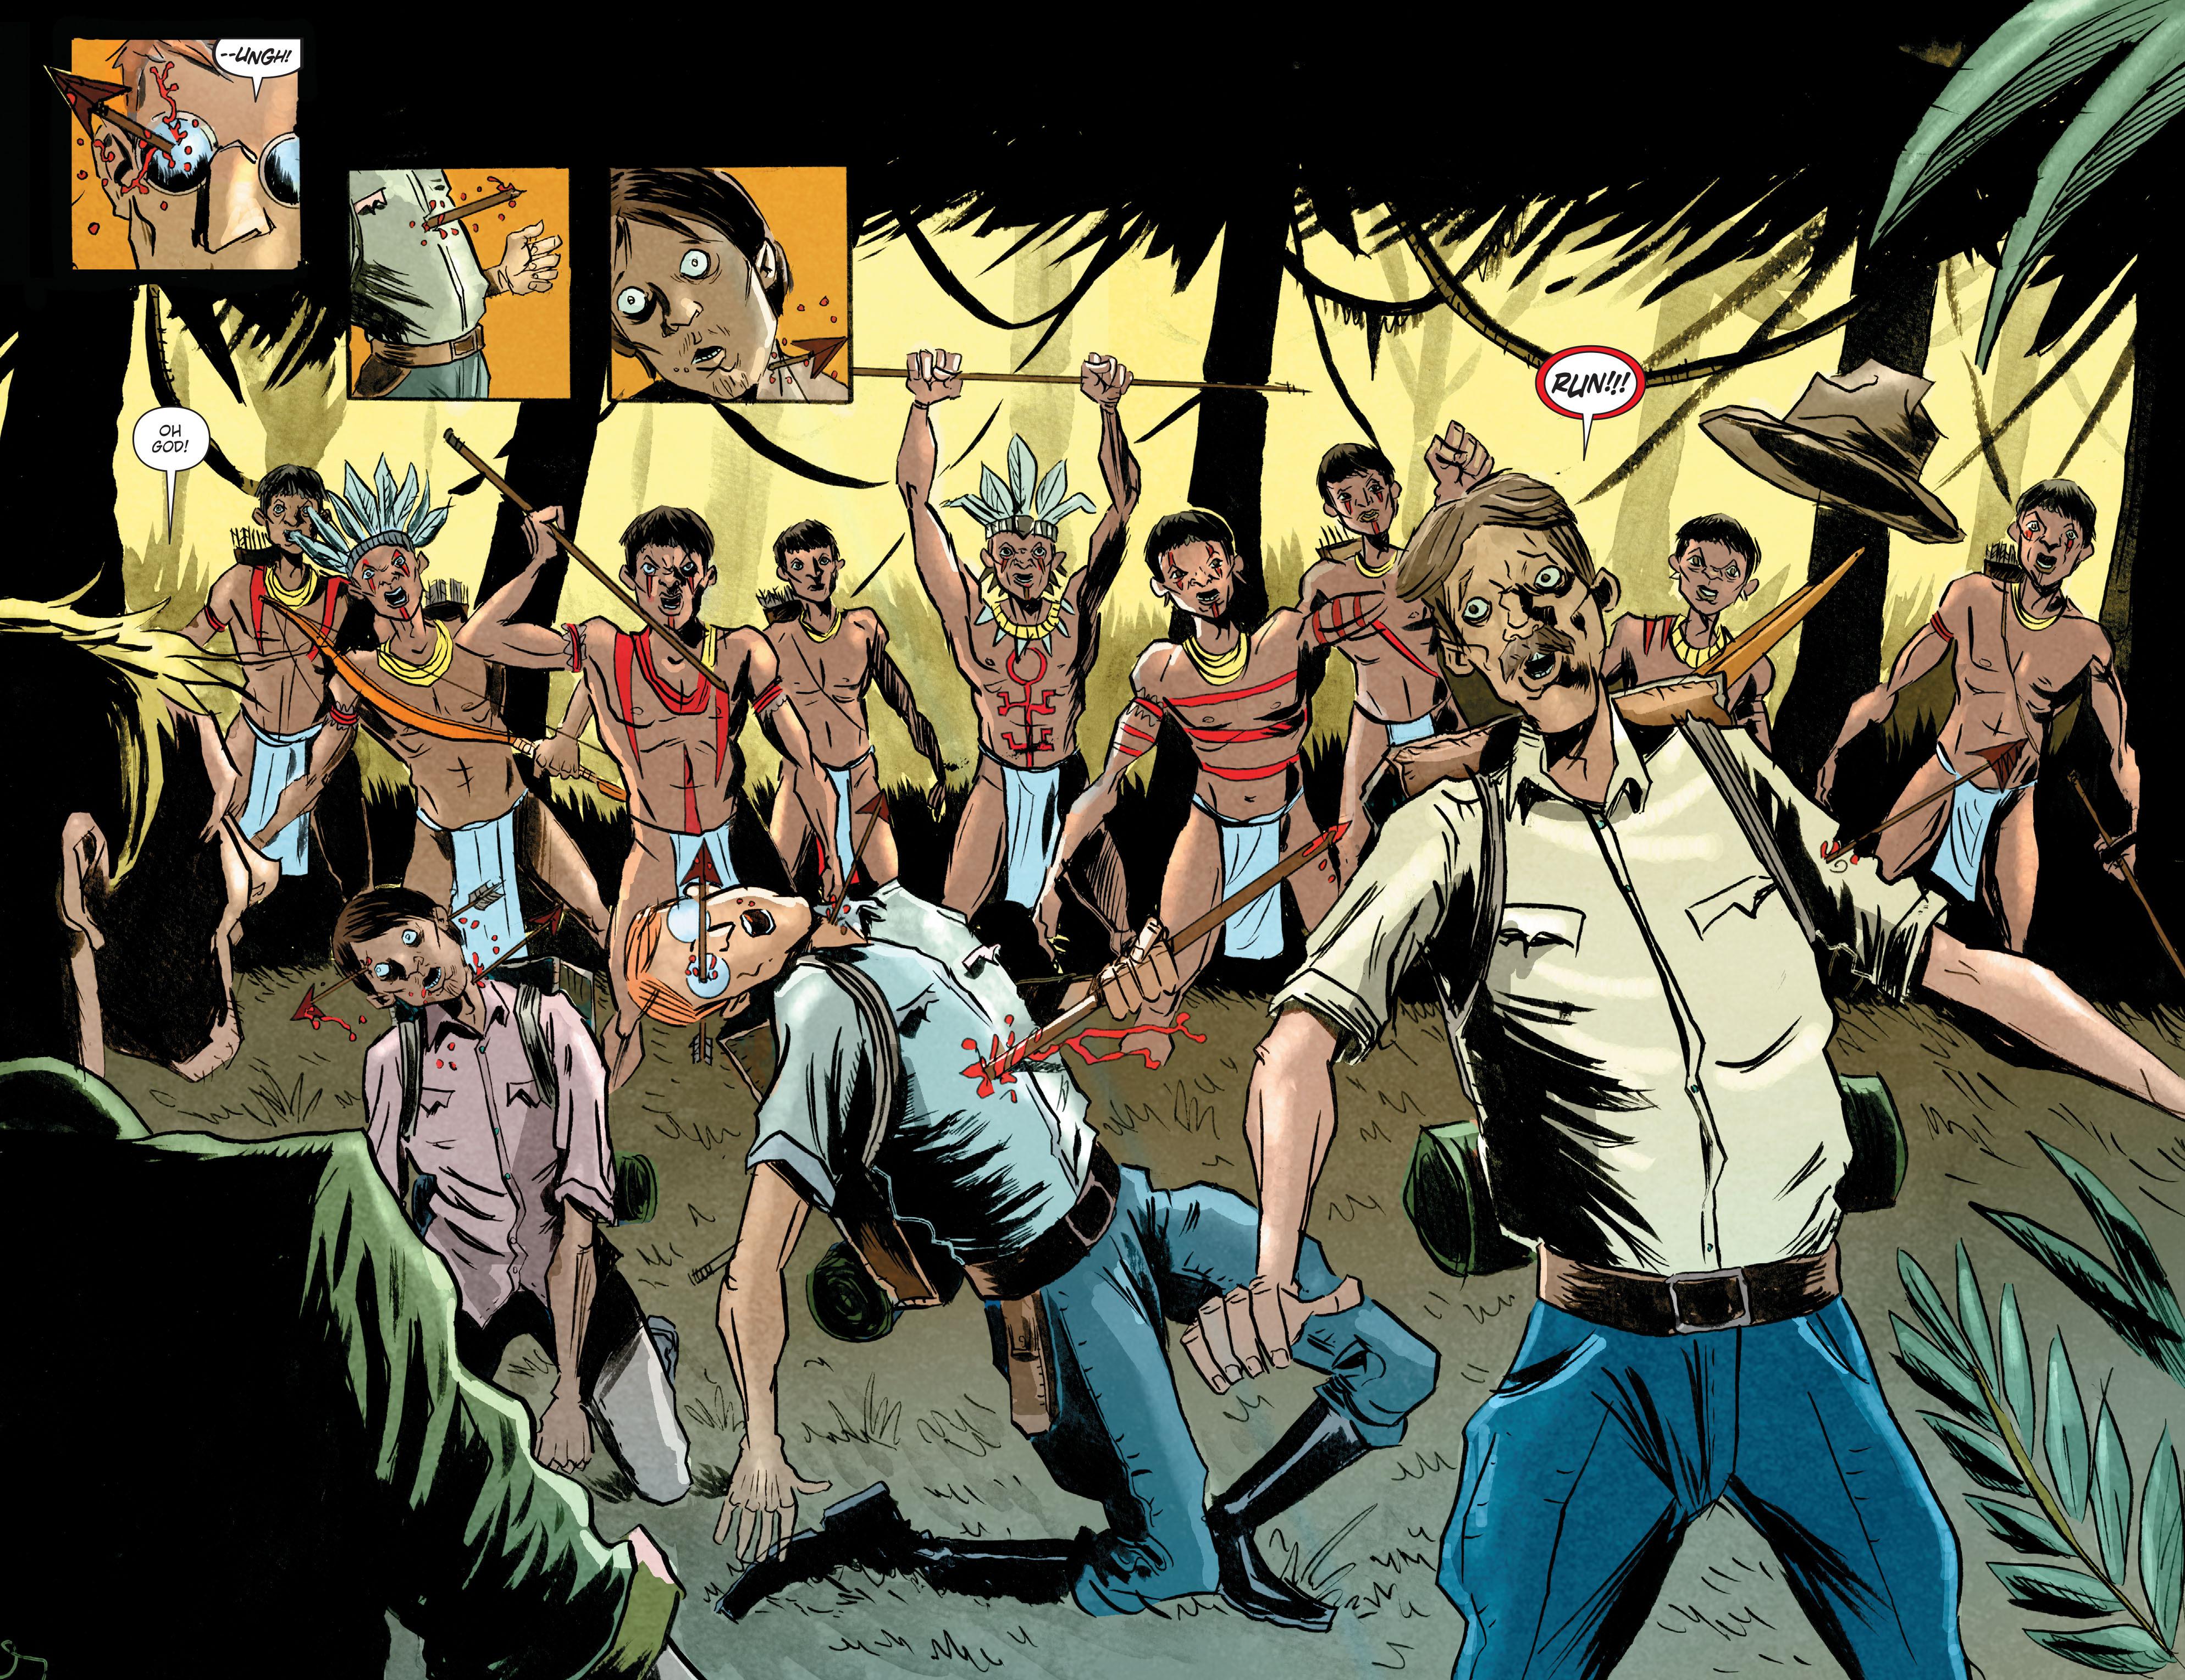 Read online Trillium comic -  Issue # TPB - 31